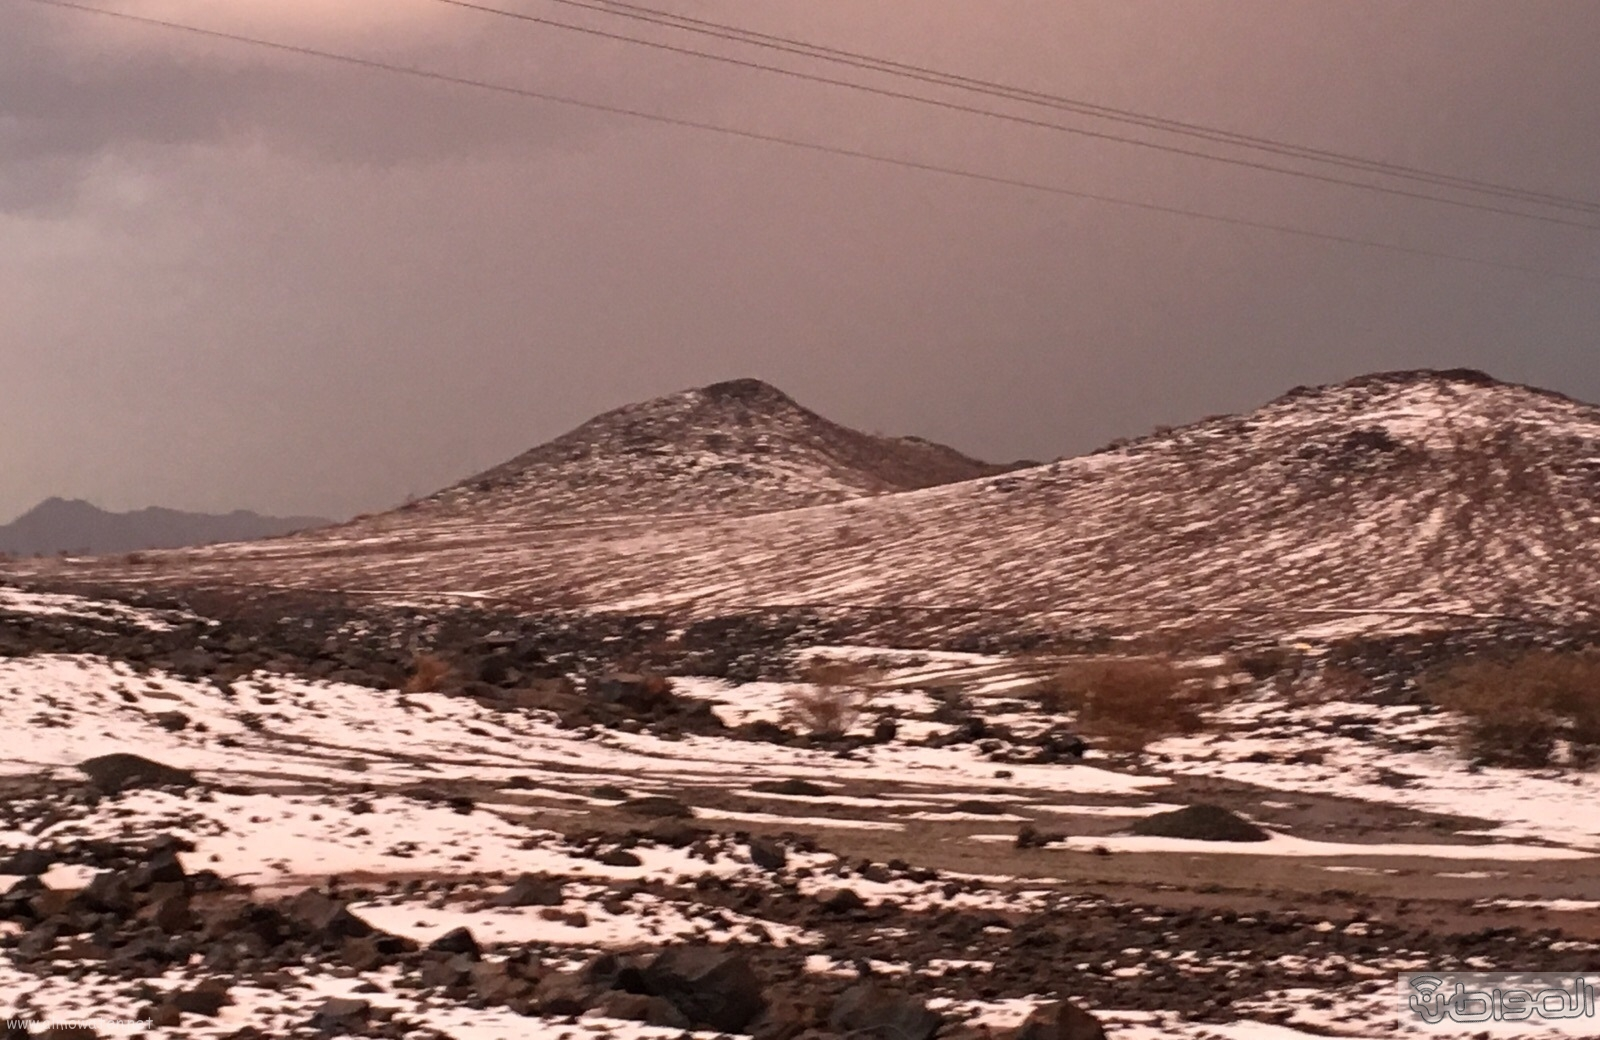 جبال المواريد تكتسي باللون الابيض الناصع بتشكيلة اوربية (1)